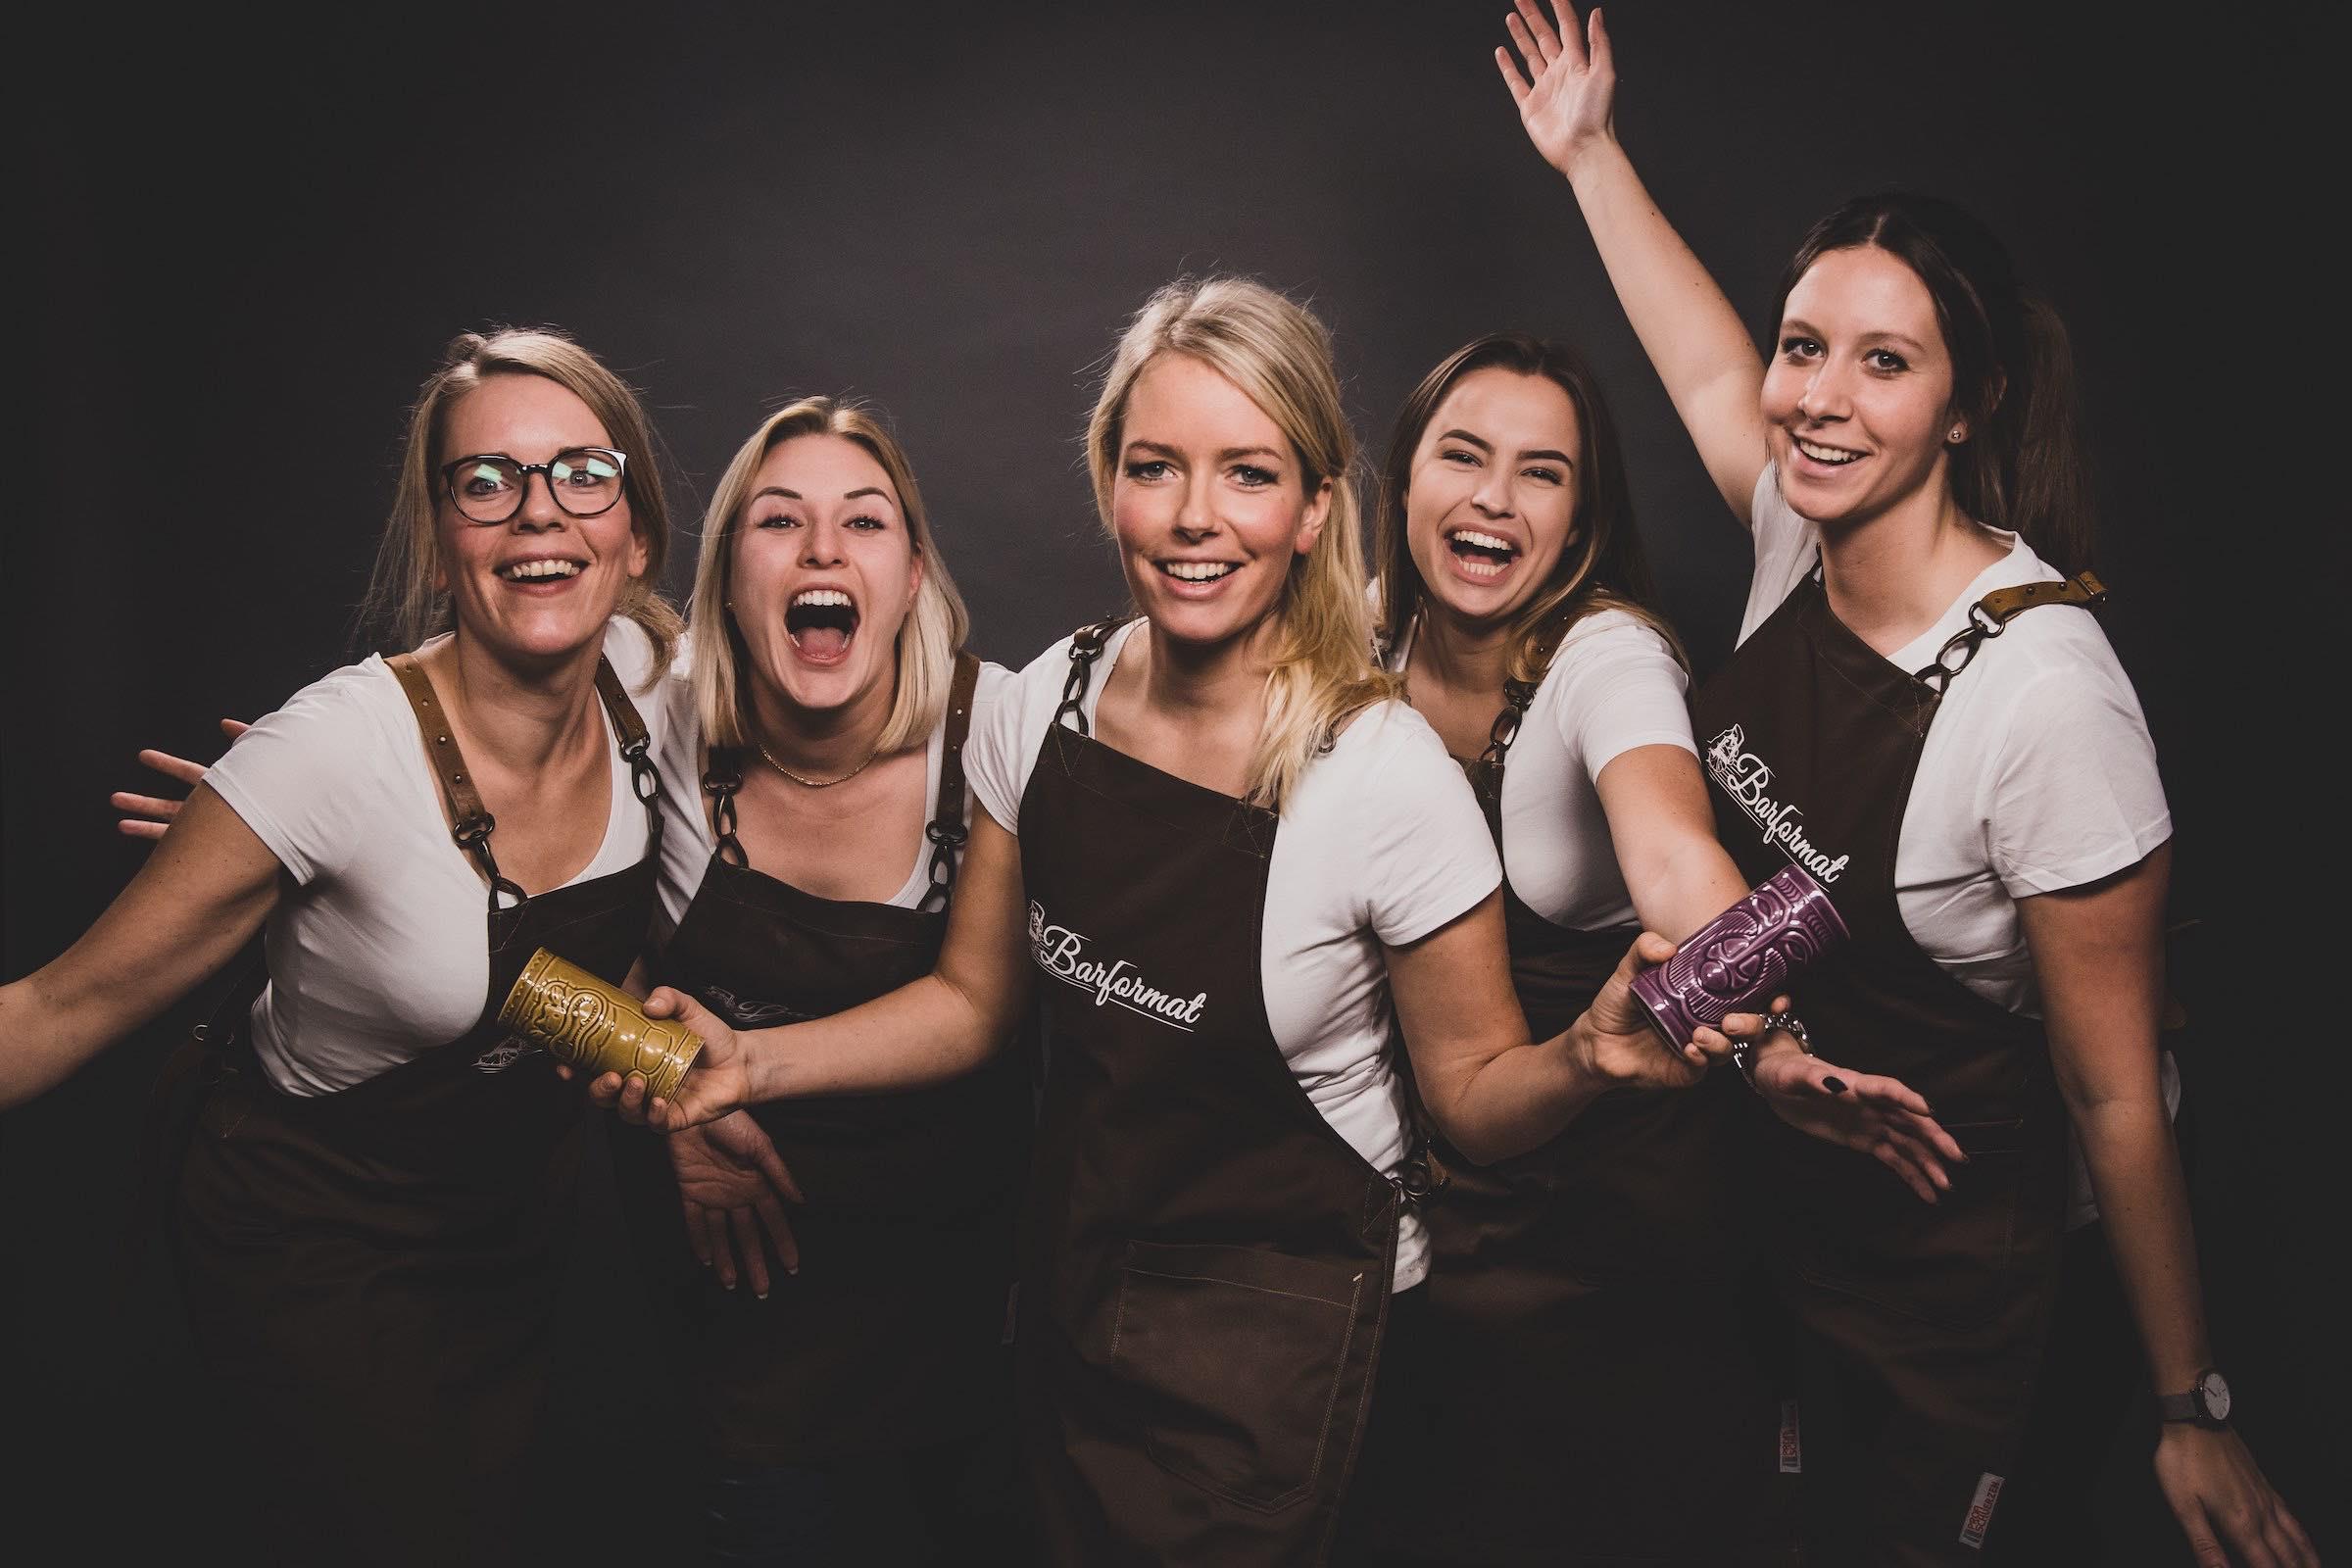 Mobile | Cocktailbar | Hamburg | Hochzeit | Sektempfang | Barkeeper | Kellner | Buchen | Mieten | Geburtstag | Ape | VW | Bar | Getränke | Catering | Foodtruck | Ginbar | Weinbar | Sektbar | Kaffeebar | Hamburgfeiert